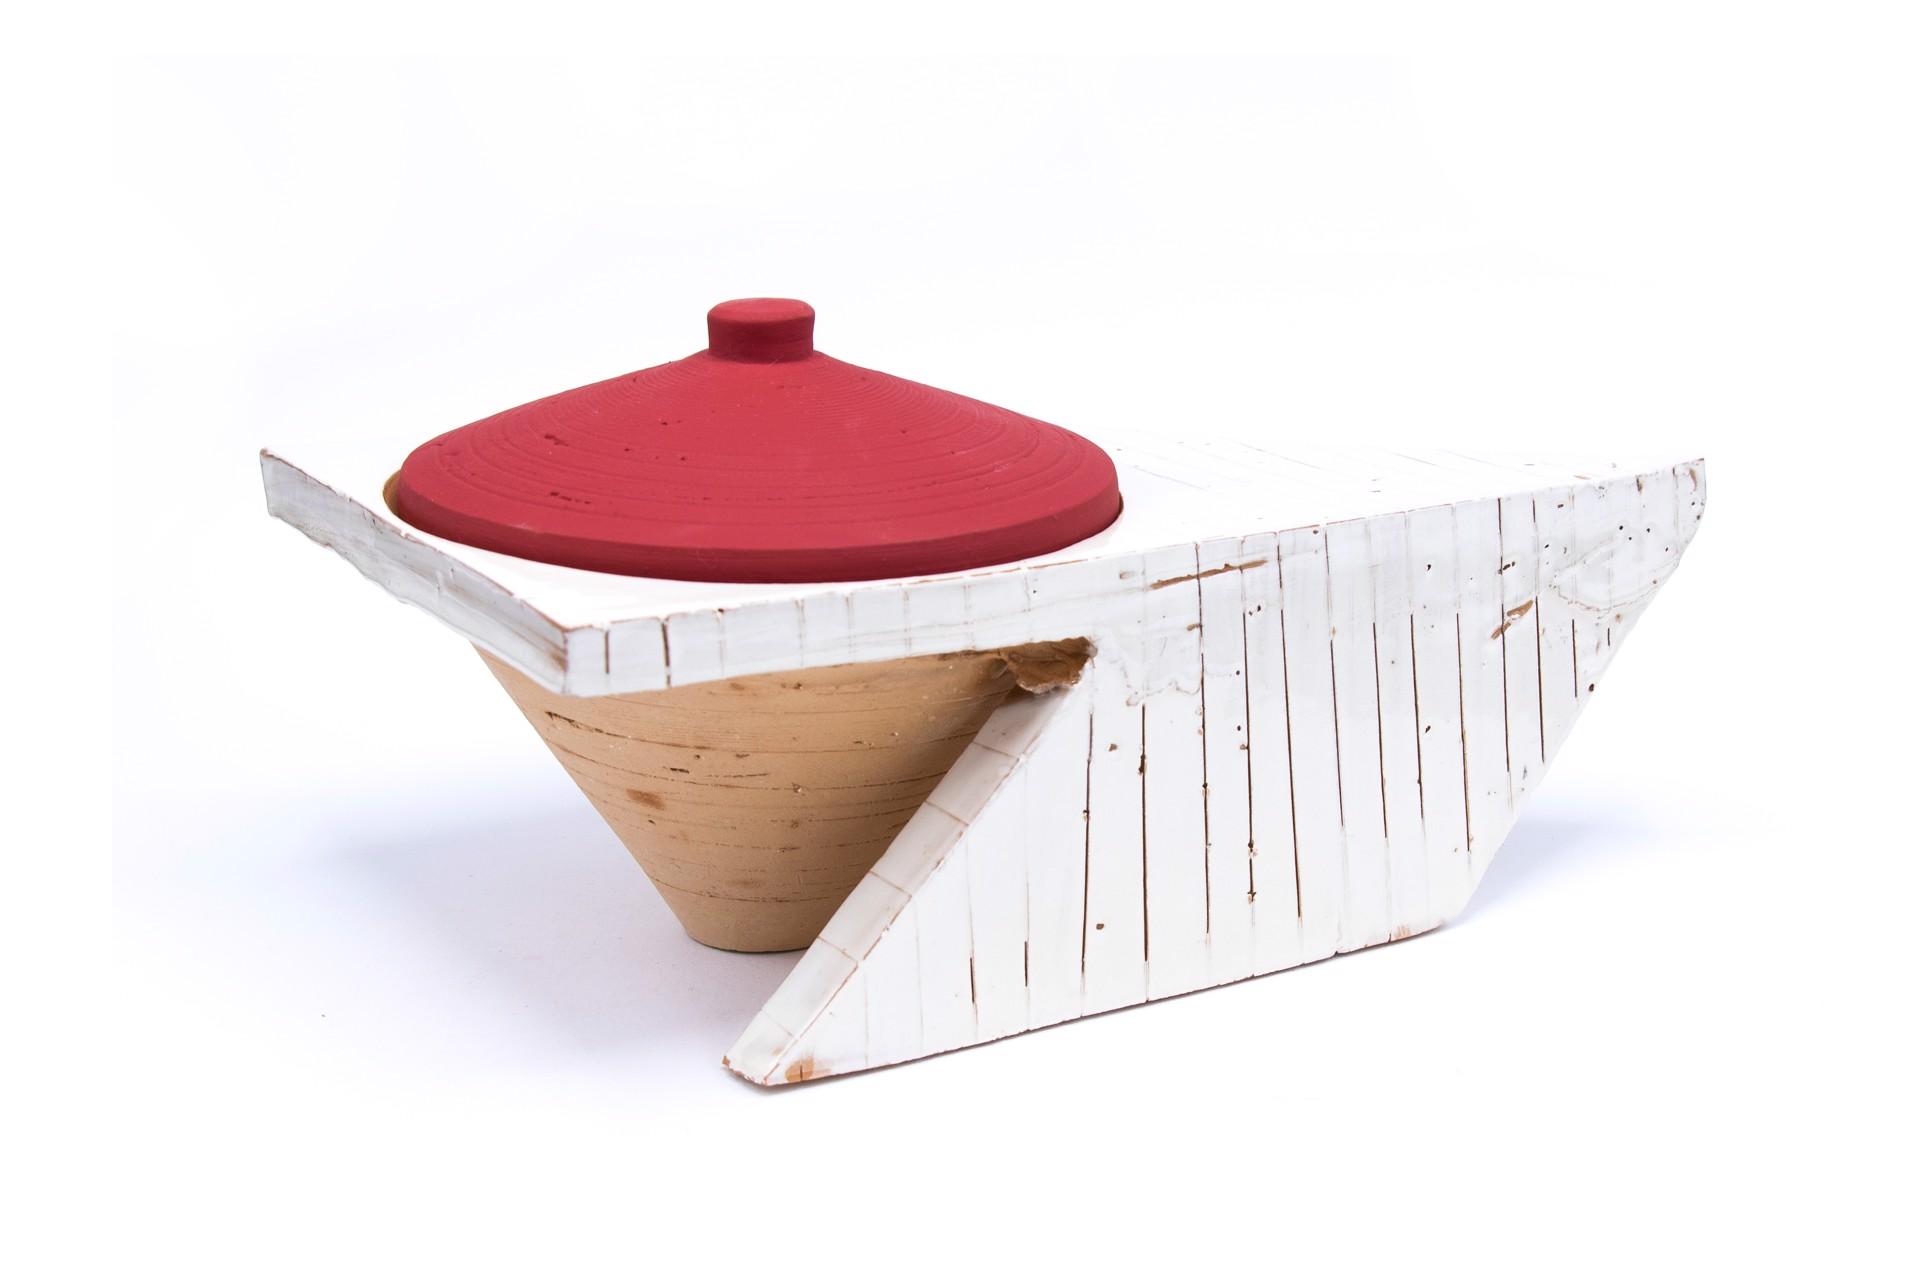 Lidded Jar (1) by Zak Helenske